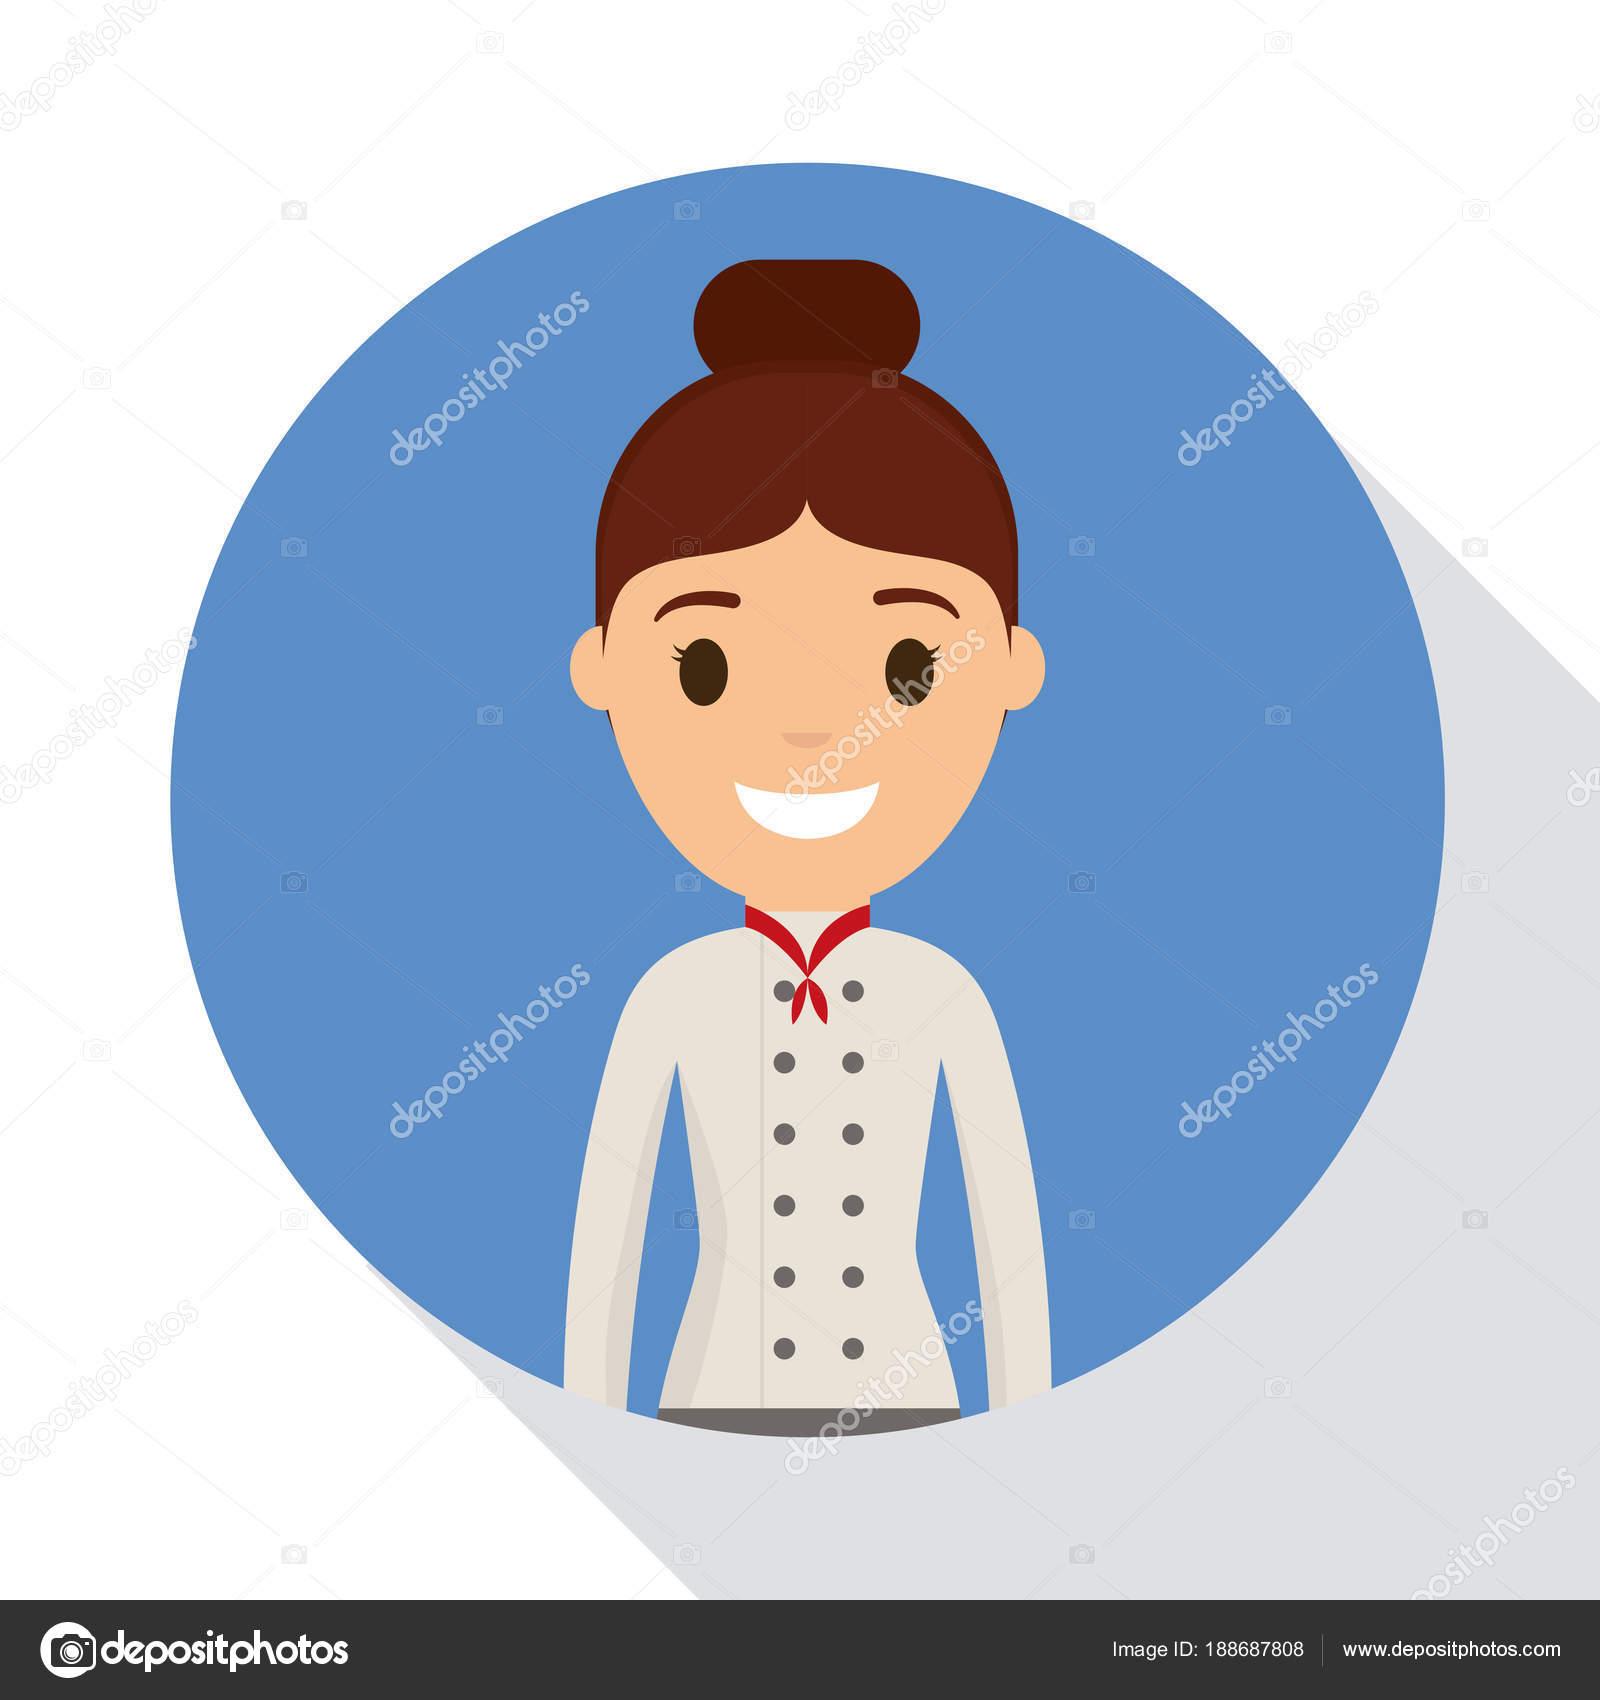 Dia Del Trabajador Mujeres happy labor day design — stock vector © djv #188687808